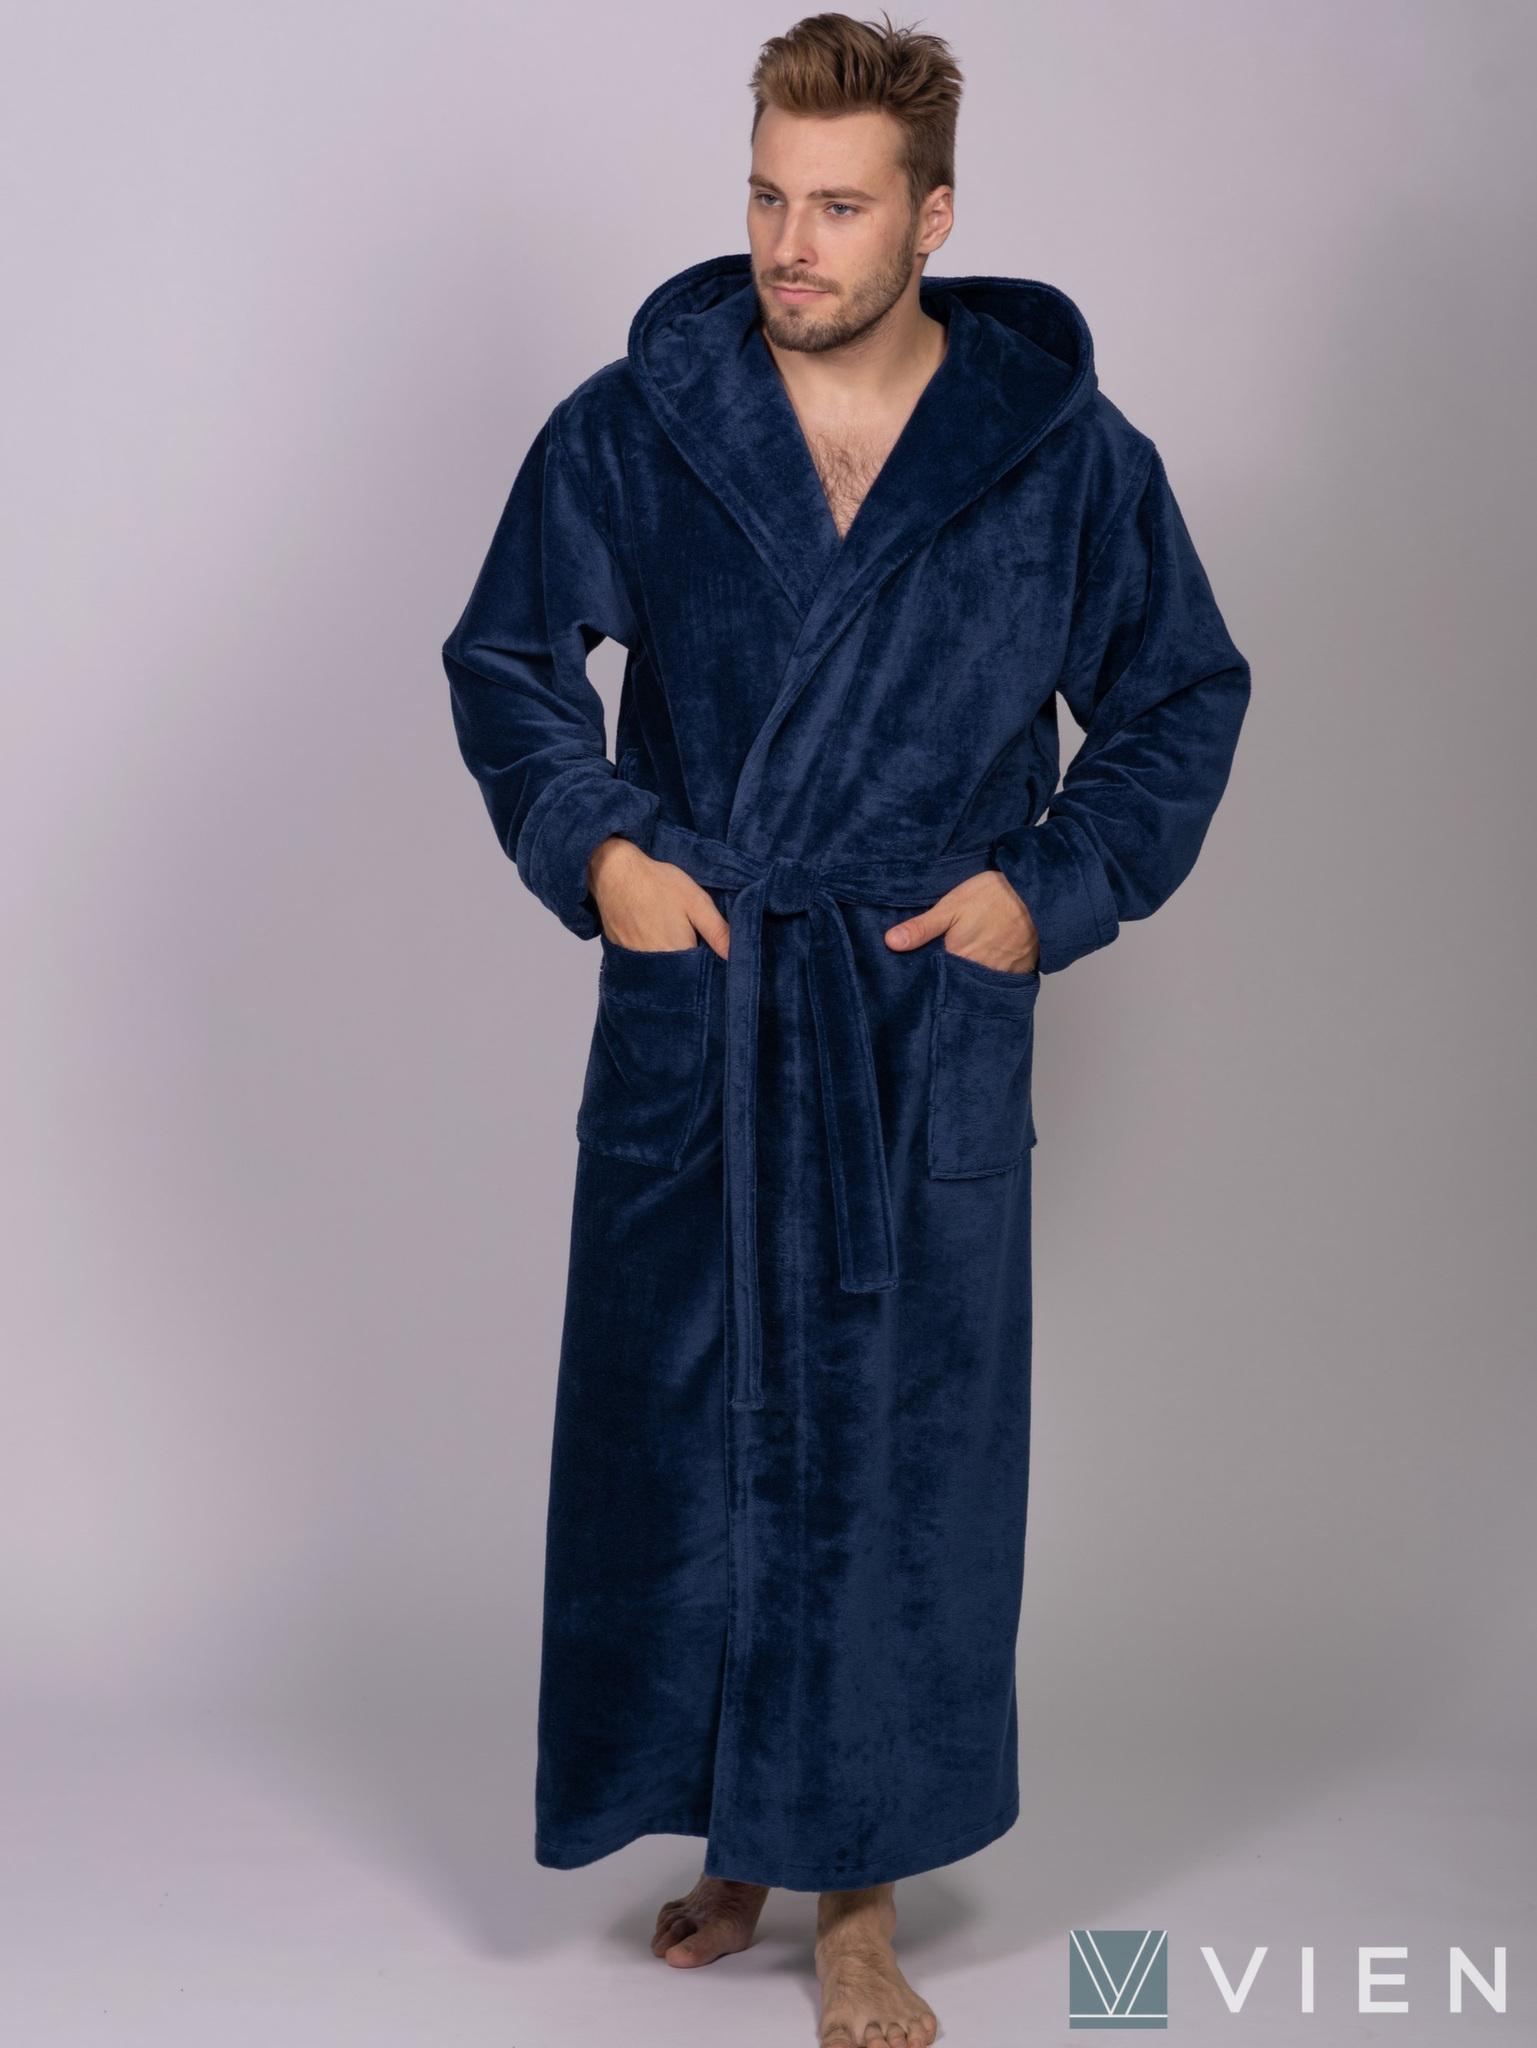 Мужской халат с капюшоном 702 Magistr синий Wien